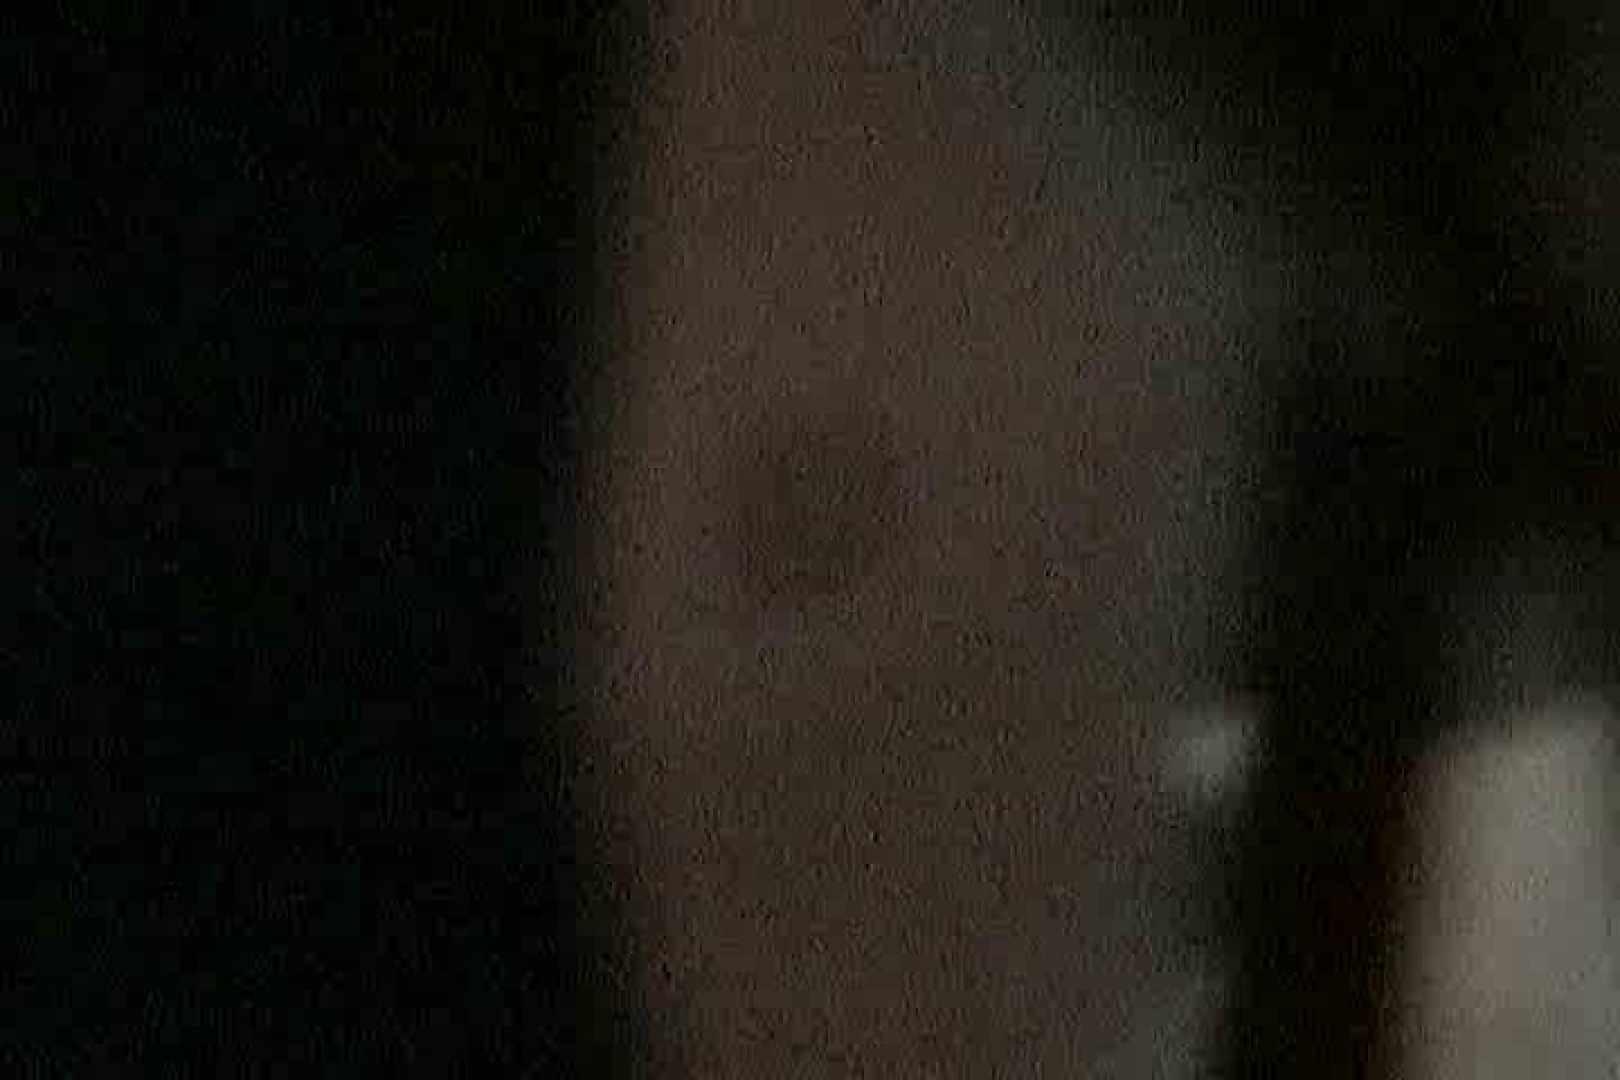 民家の騎士さんの最後の性戦Vol.1 美女OL  84連発 6